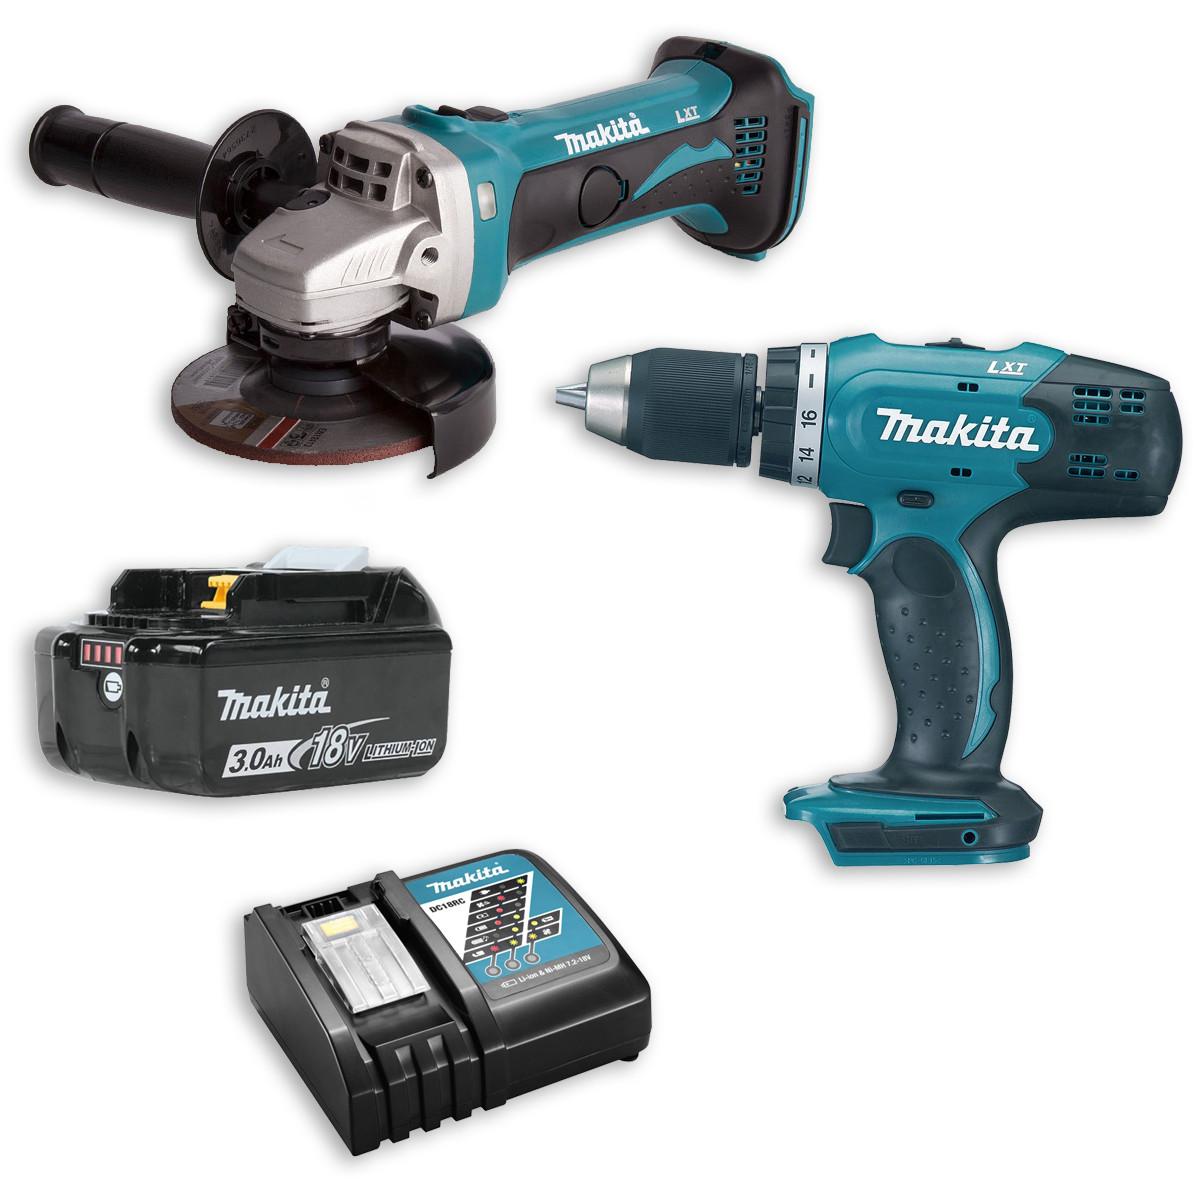 Набор инструментов Makita DDF453 и DGA452 + аккумулятор и зарядное устройство (DLXMUA453)